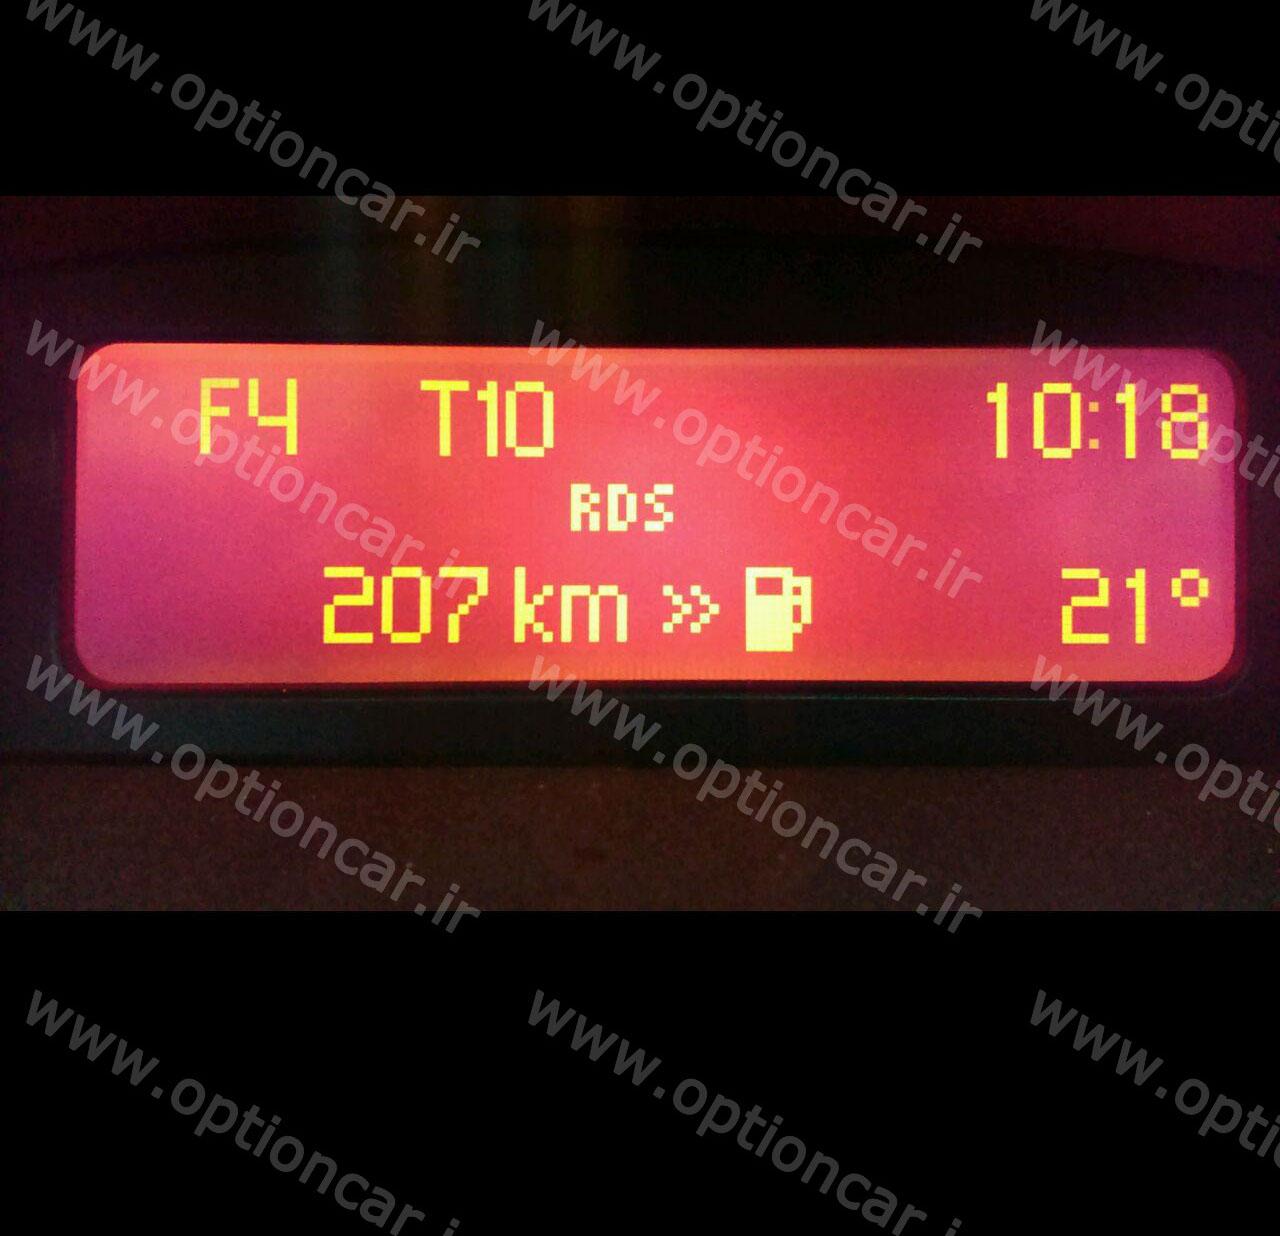 ساعت تایپ B 206